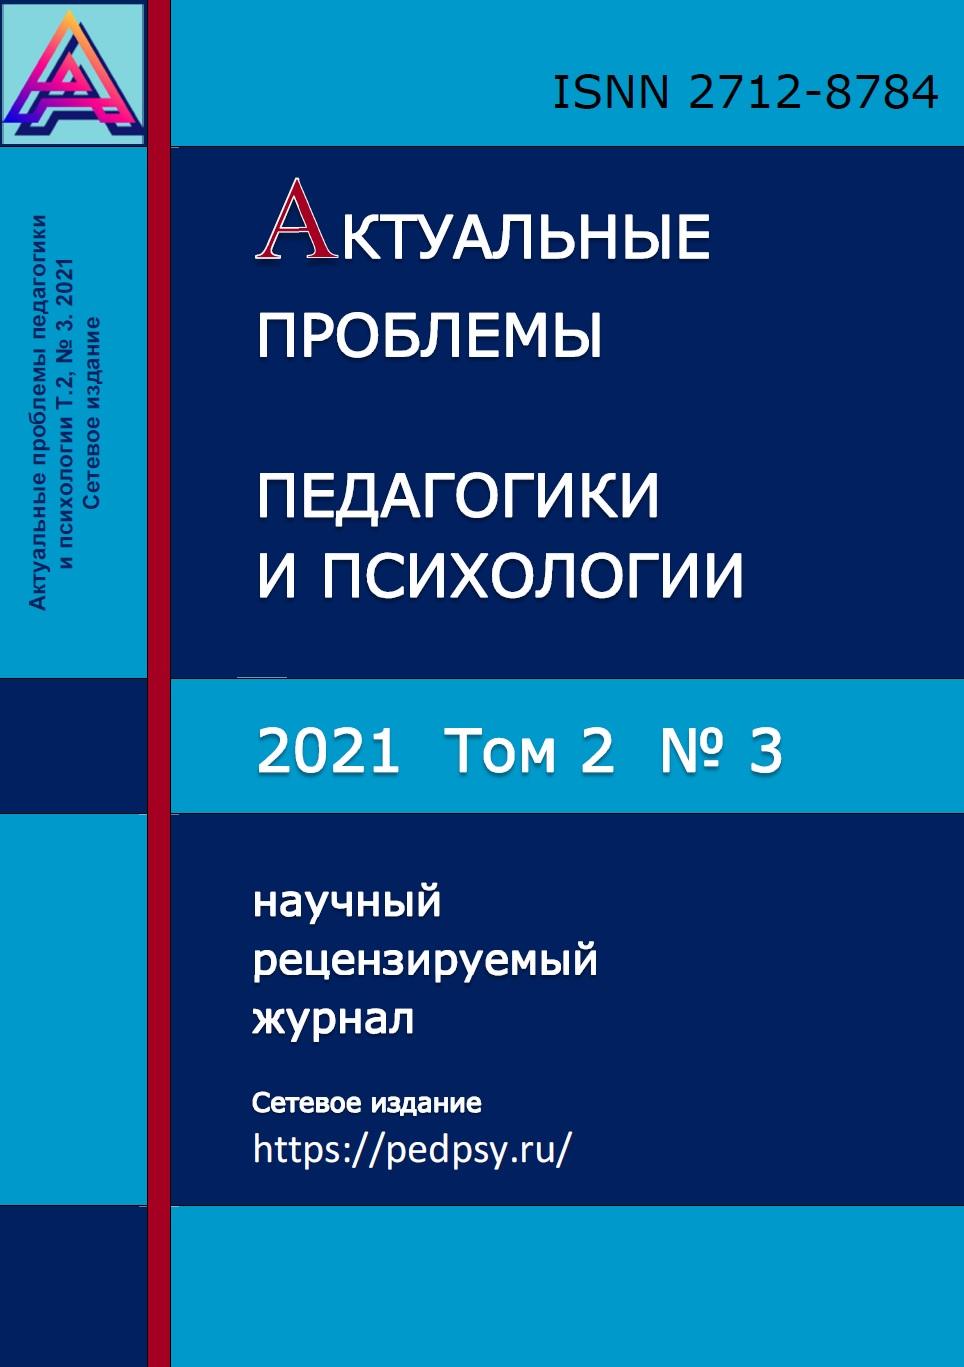 Показать Том 2 № 3 (2021): Актуальные проблемы педагогики и психологии